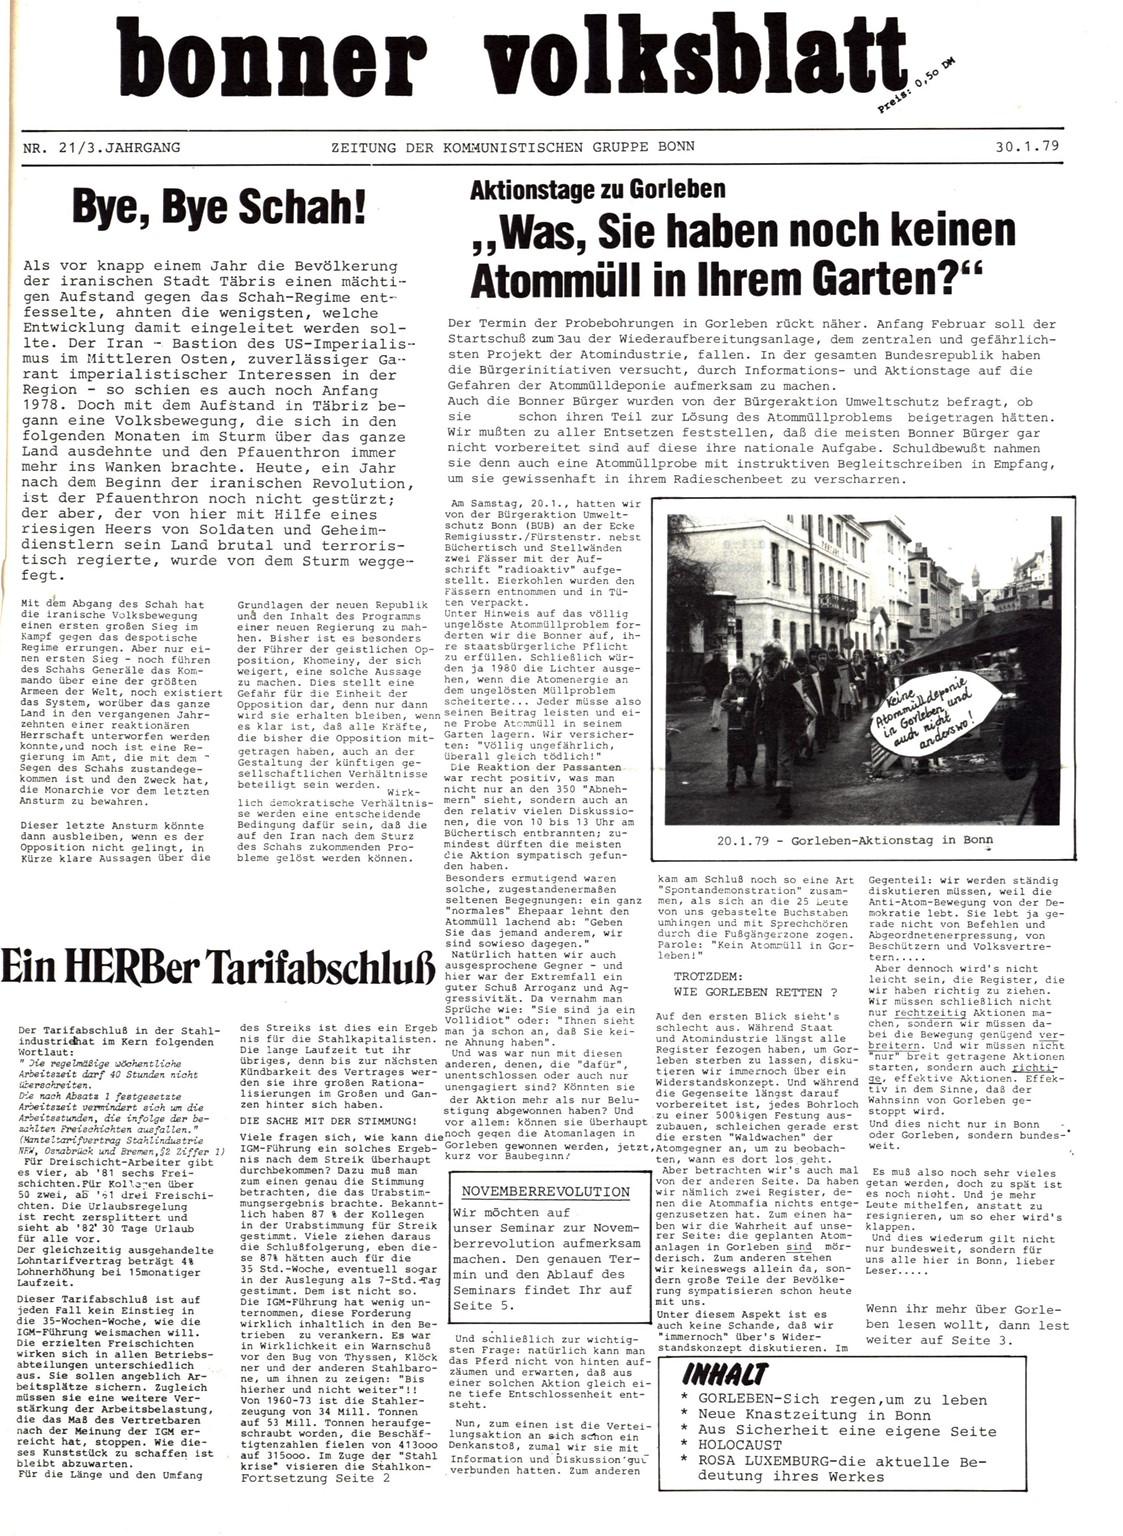 Bonner_Volksblatt_21_19790130_01